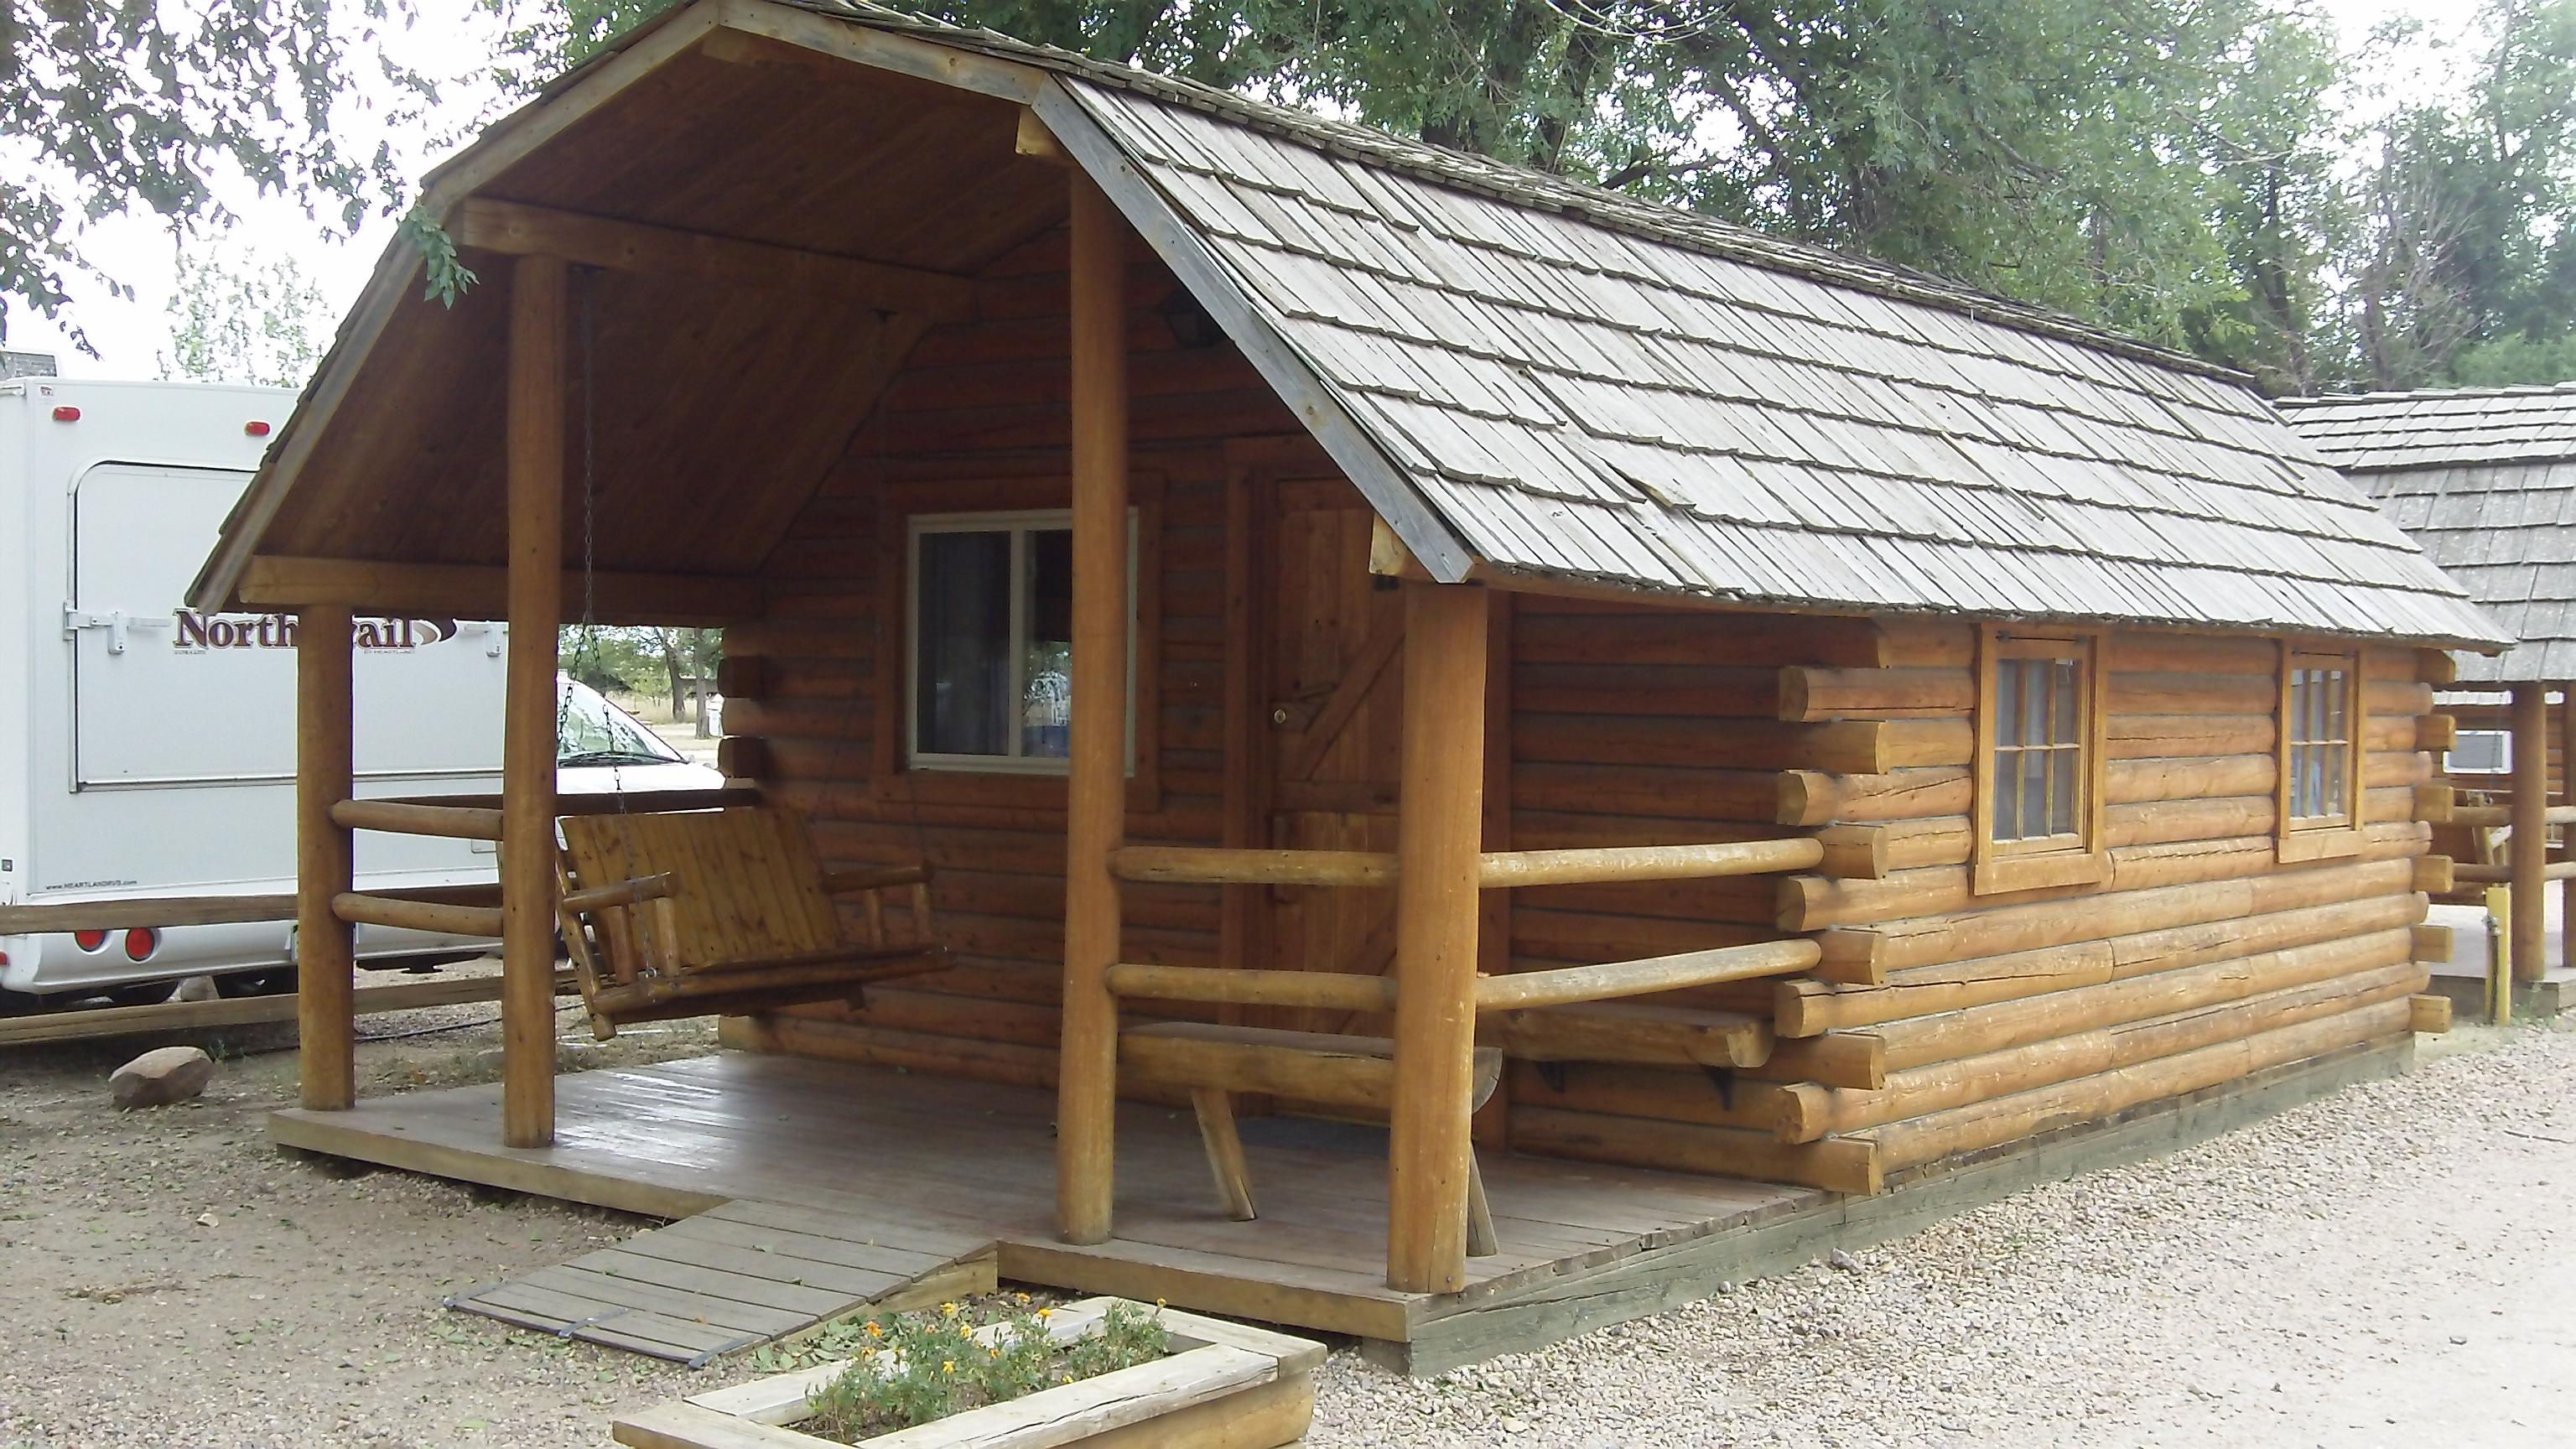 colorado youtube coloradocabins resort watch denver cabin rentals fork cabins middle in